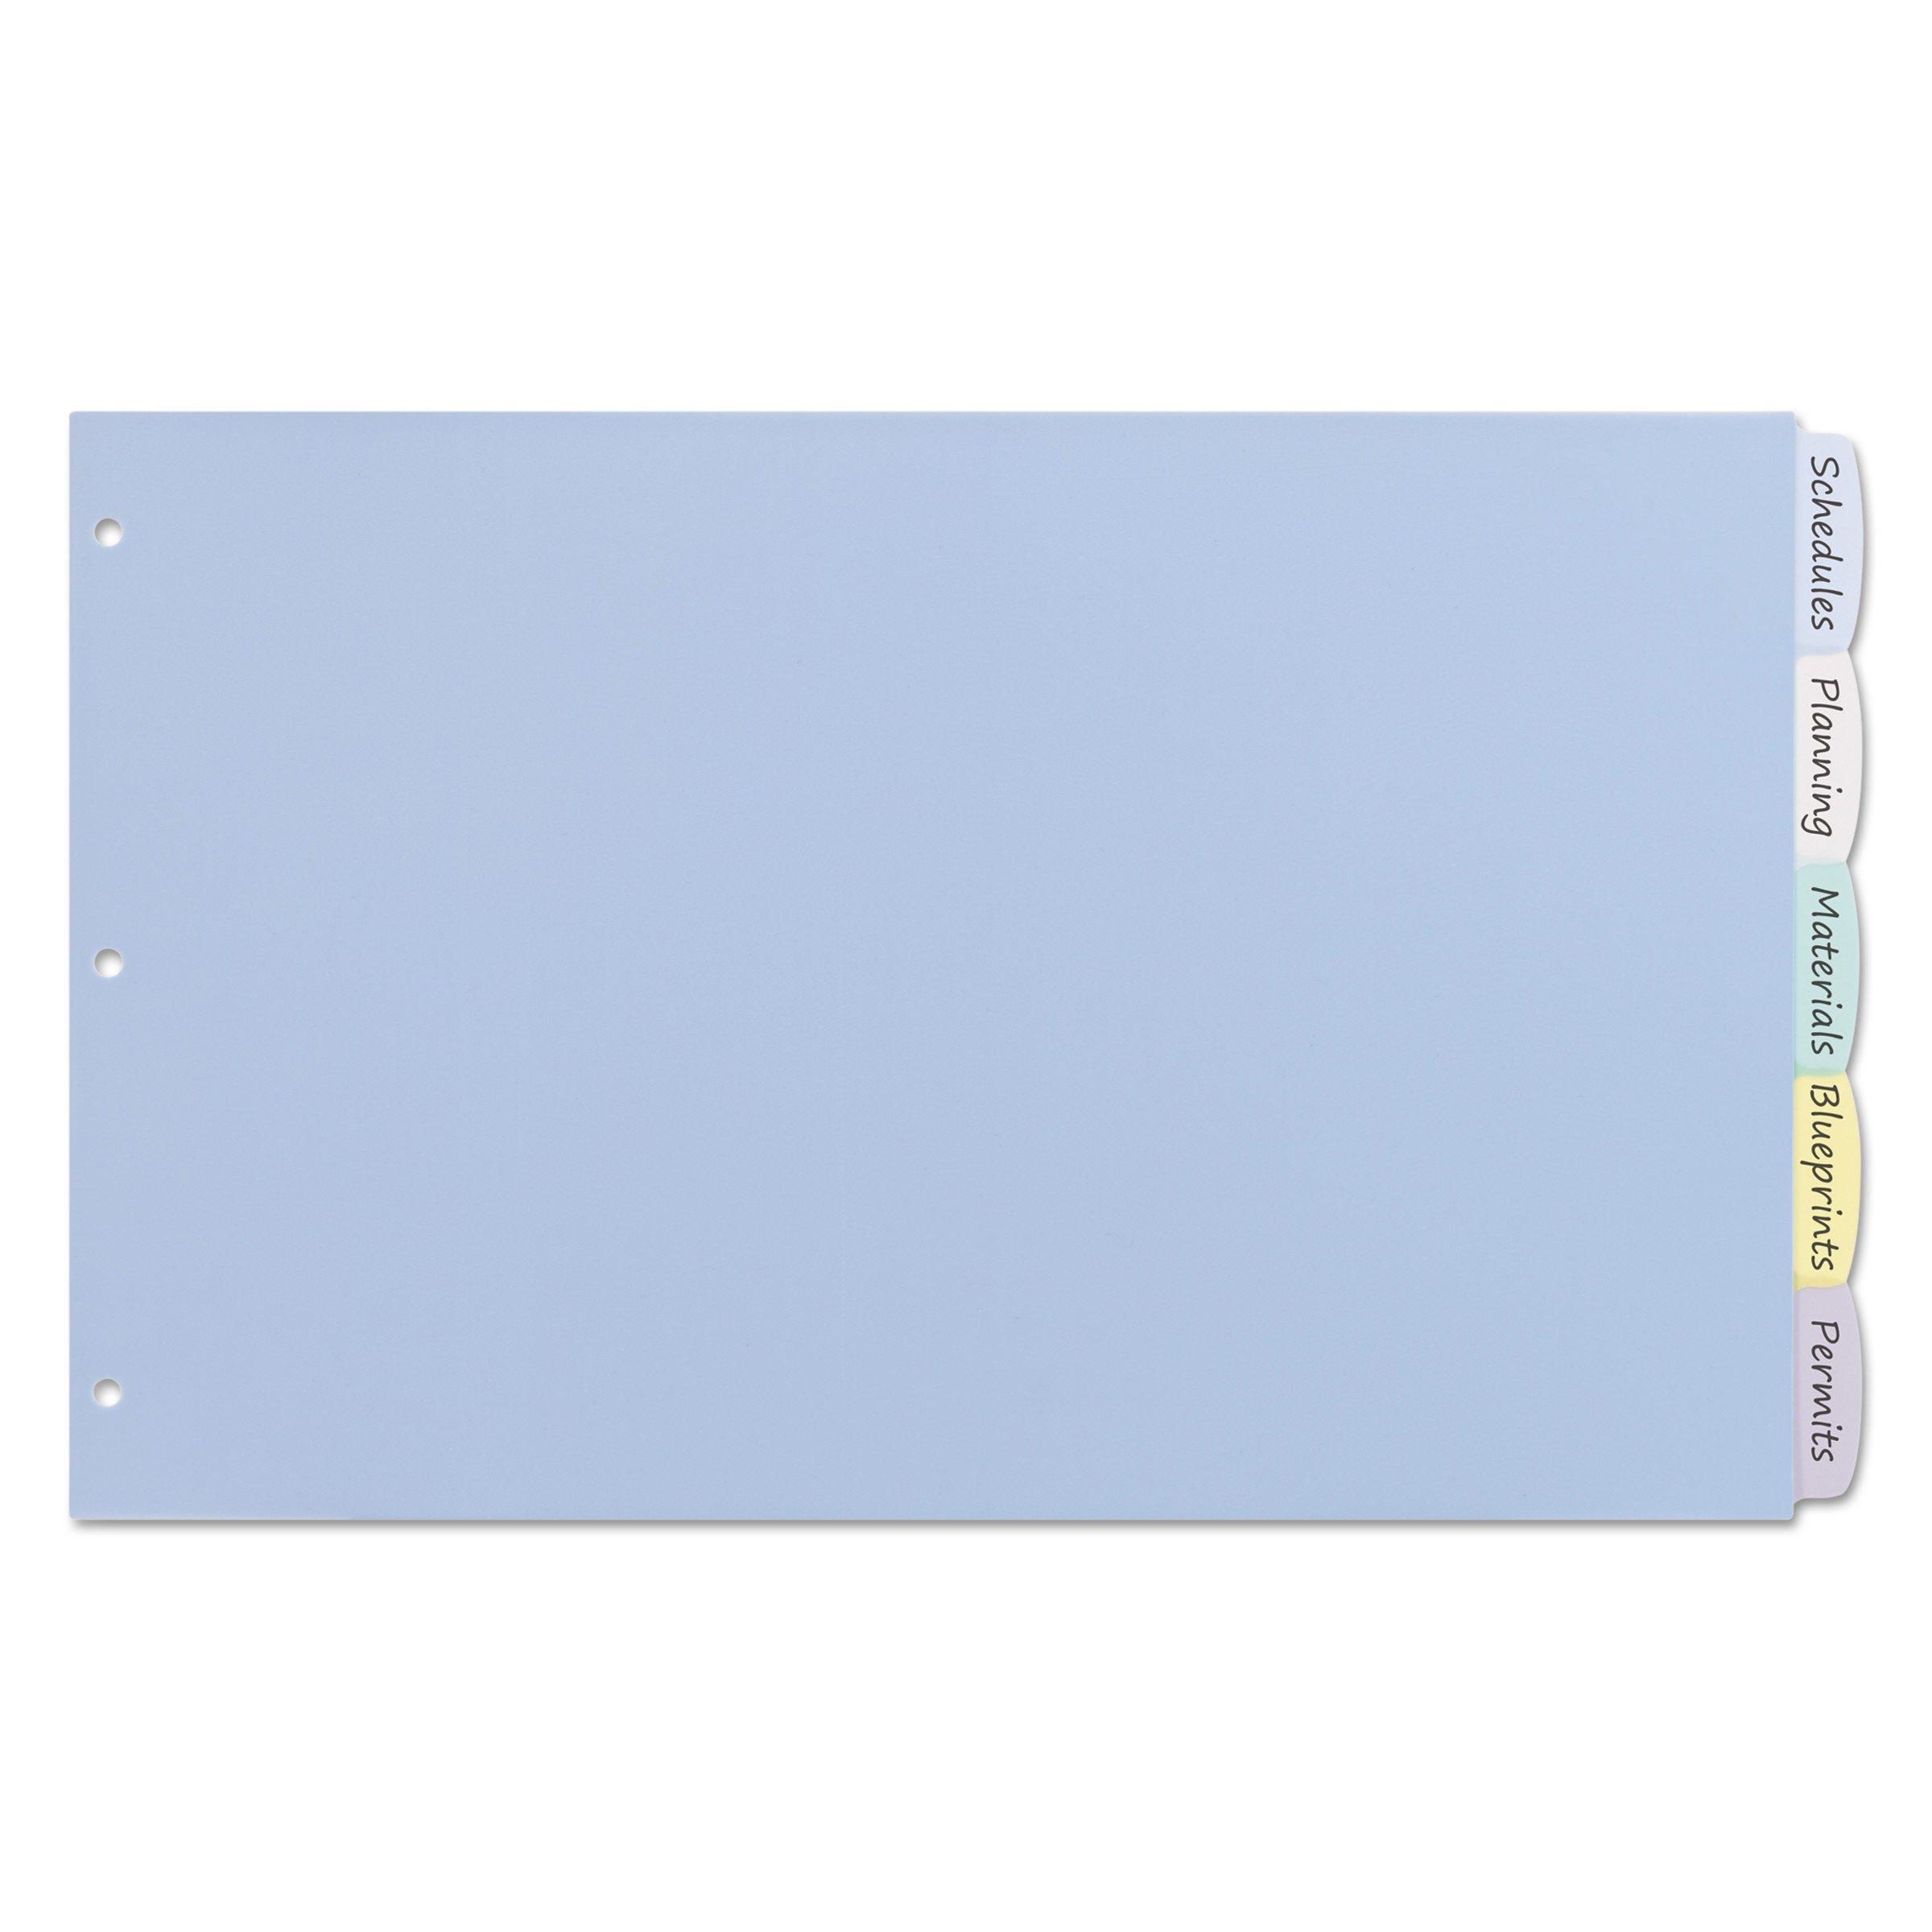 Avery 16131 Write & Erase Big Tab Plastic Dividers, 5-Tab, 11 x 17